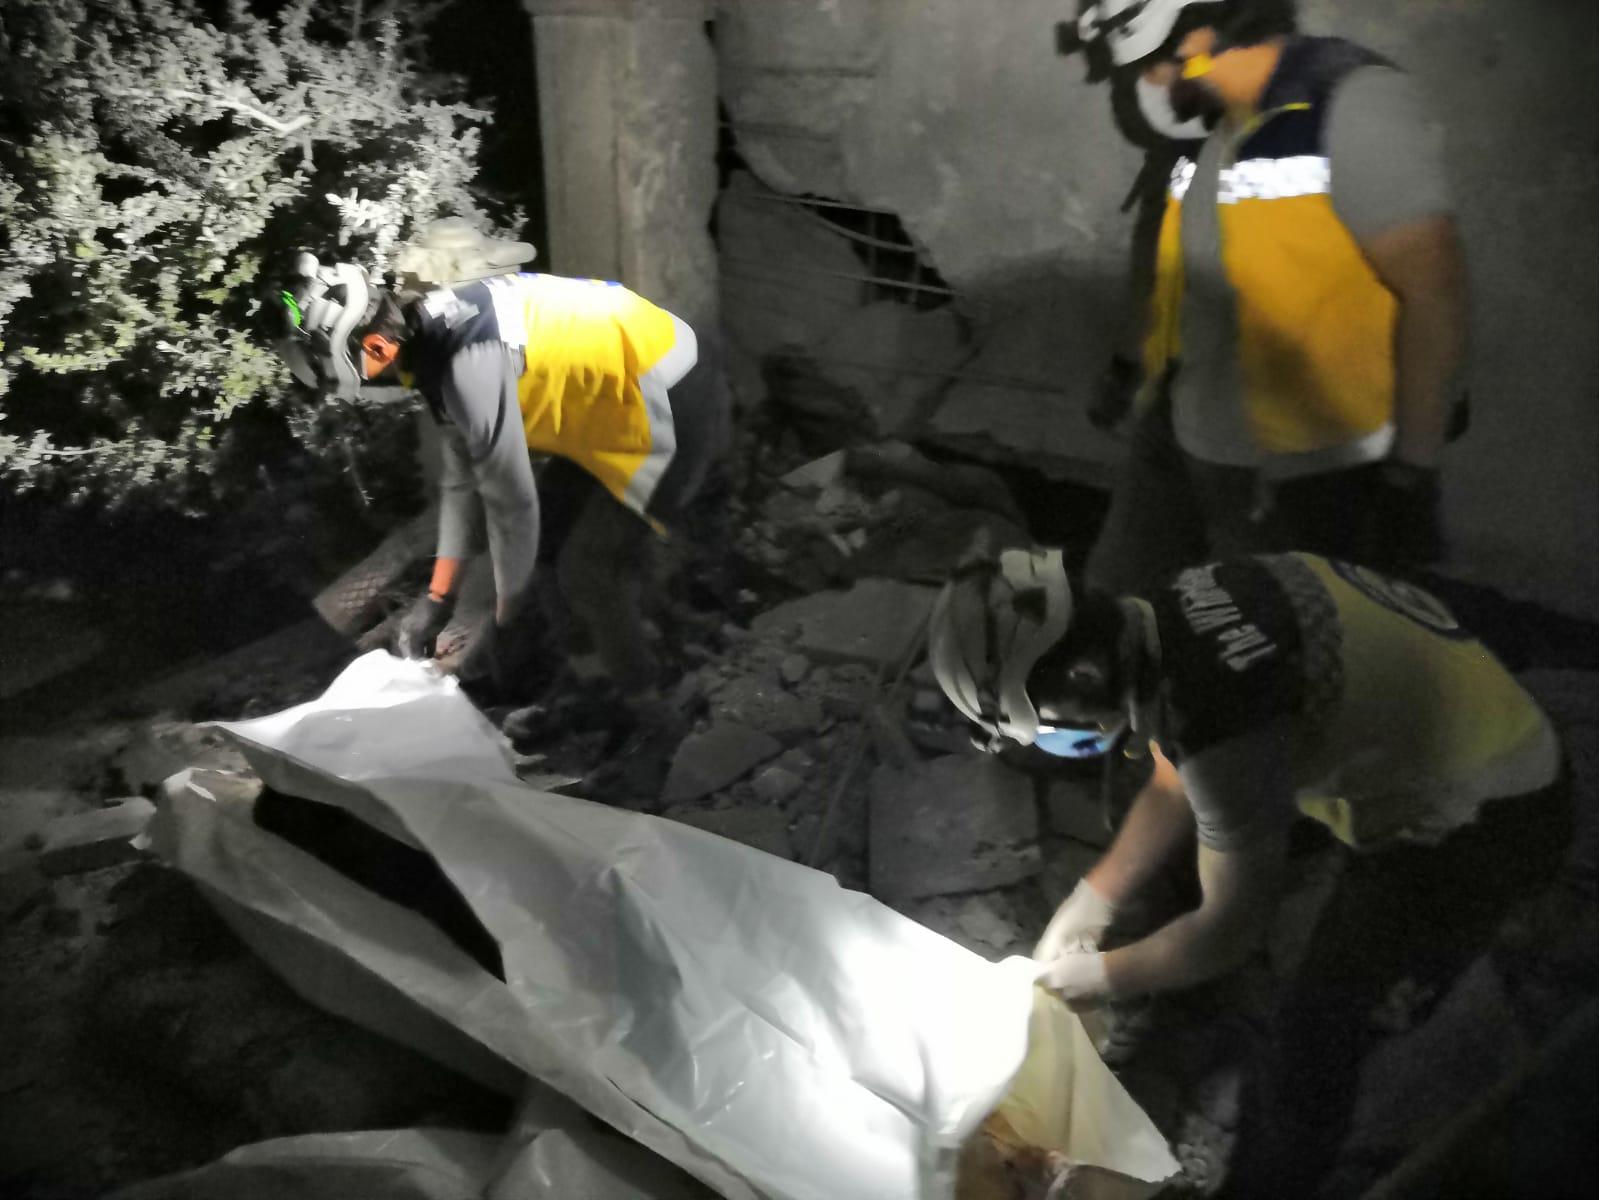 مقتل مدنيين وإصابة آخرين جراء قصف روسي على مدينة الباب